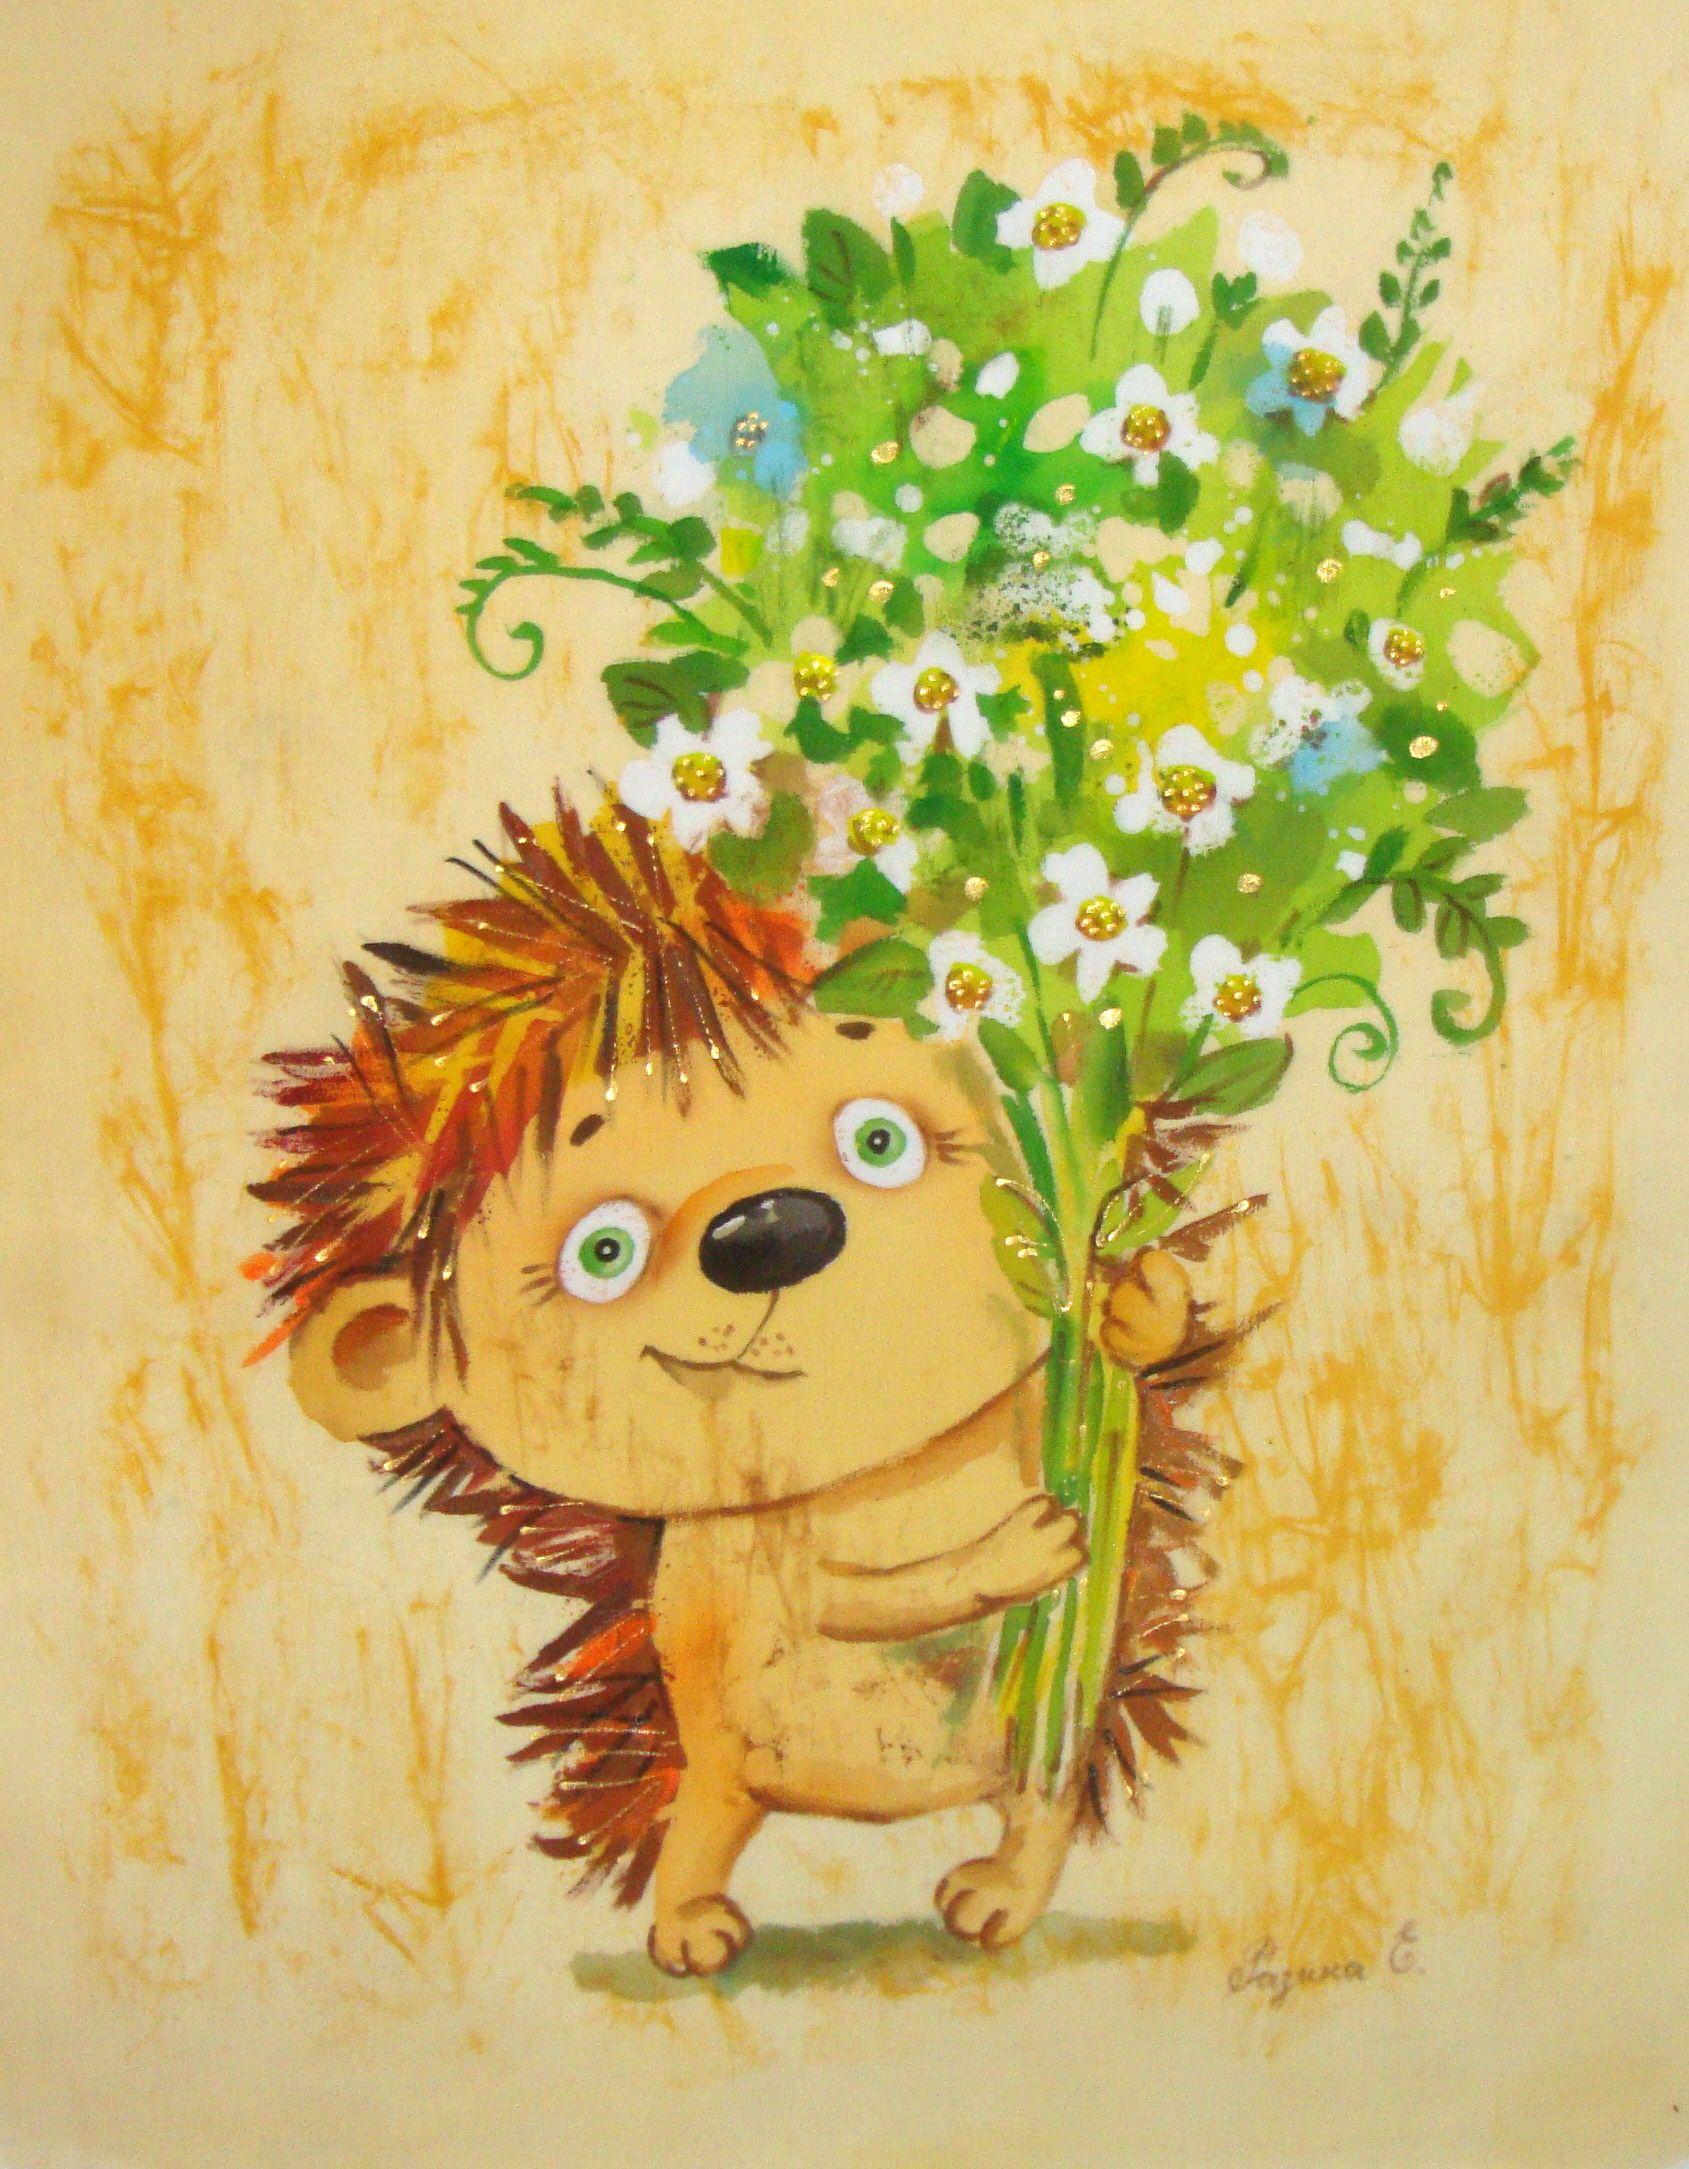 Ежик поздравляет медвежонка открытка, поздравление днем рождения